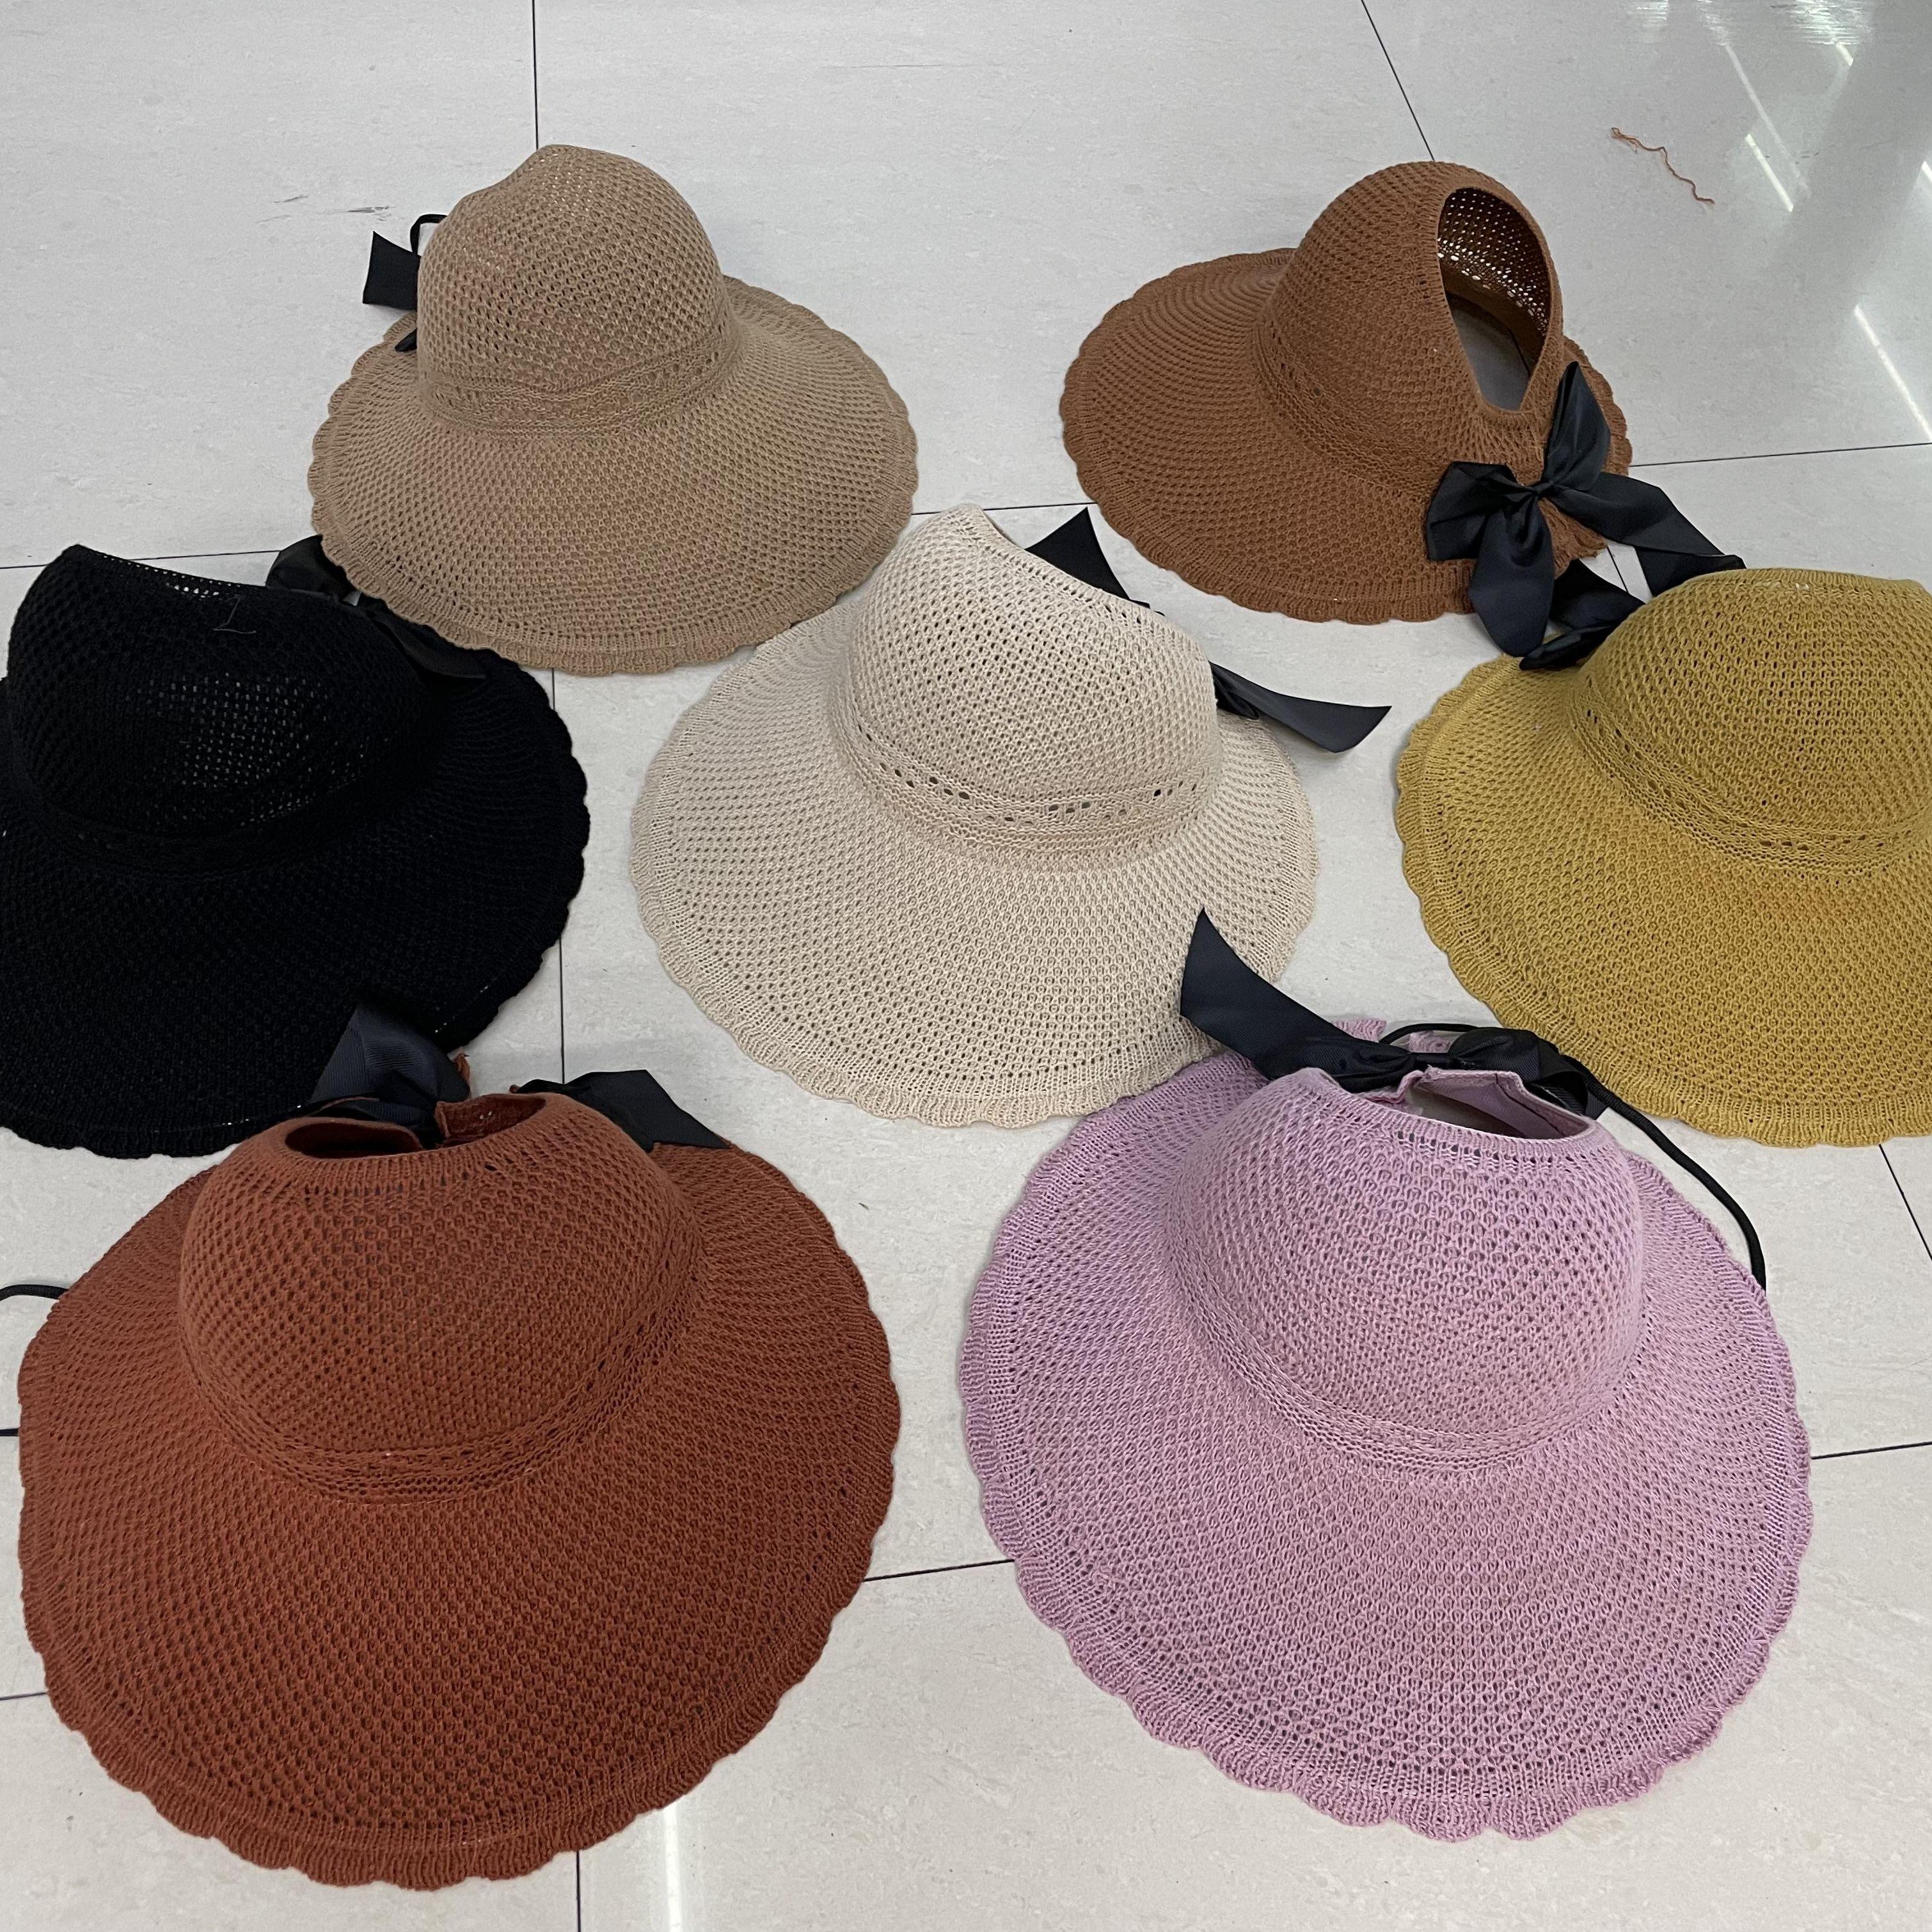 卷卷帽空顶防晒女士遮阳沙滩休闲针织帽子小花边